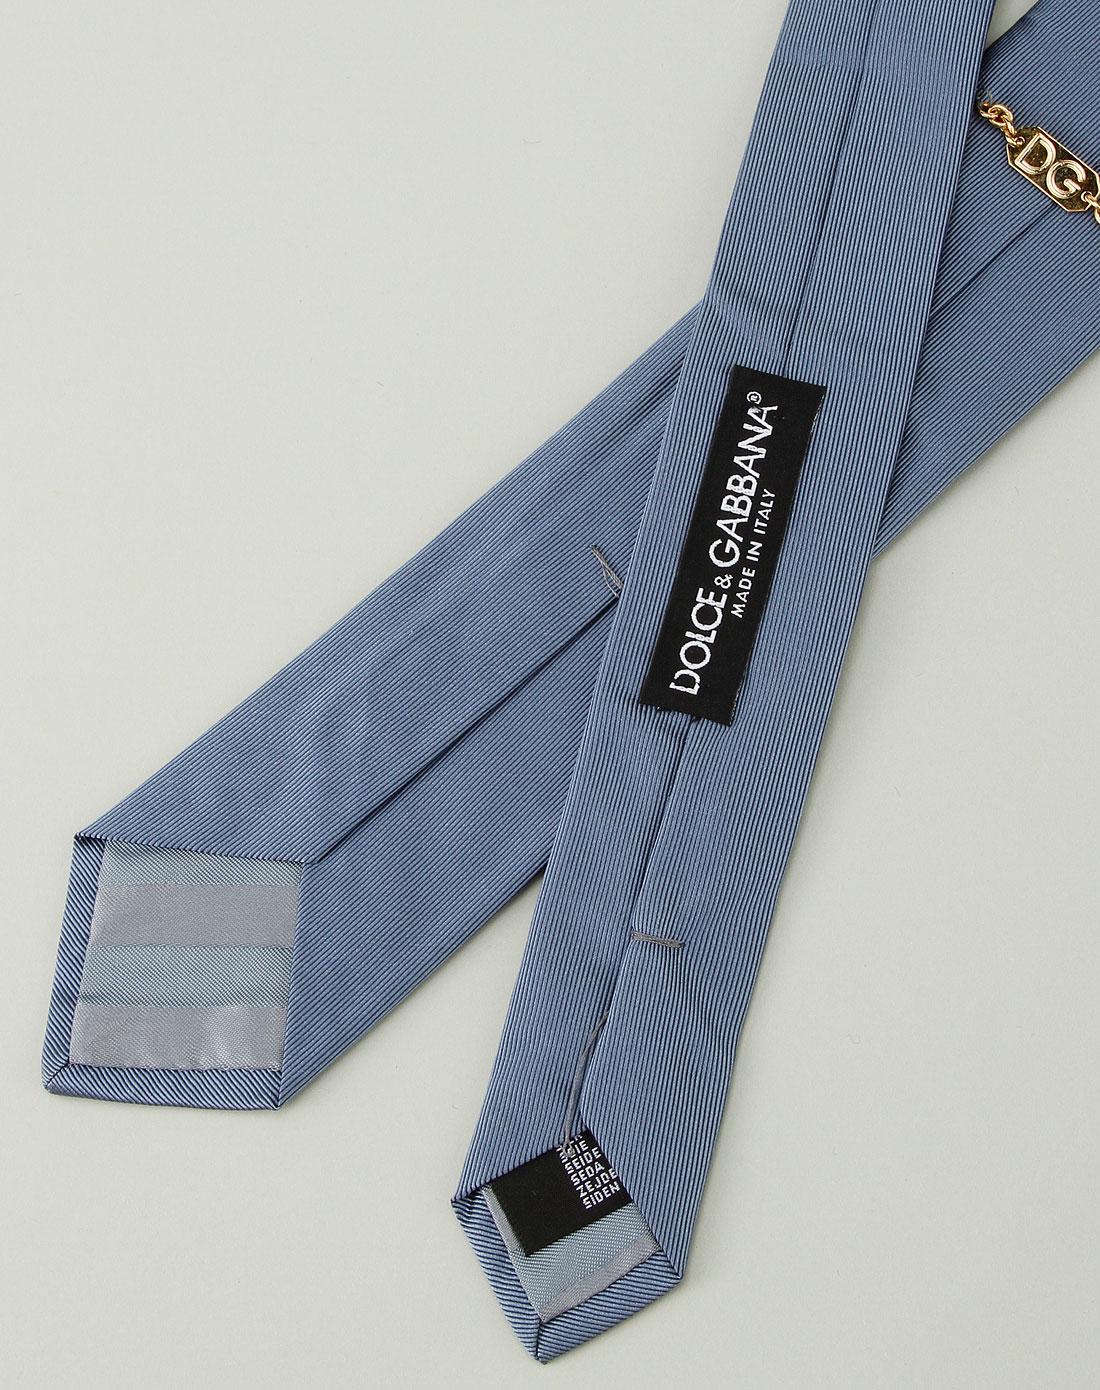 男款竖条纹惬意生活商务领带蓝色